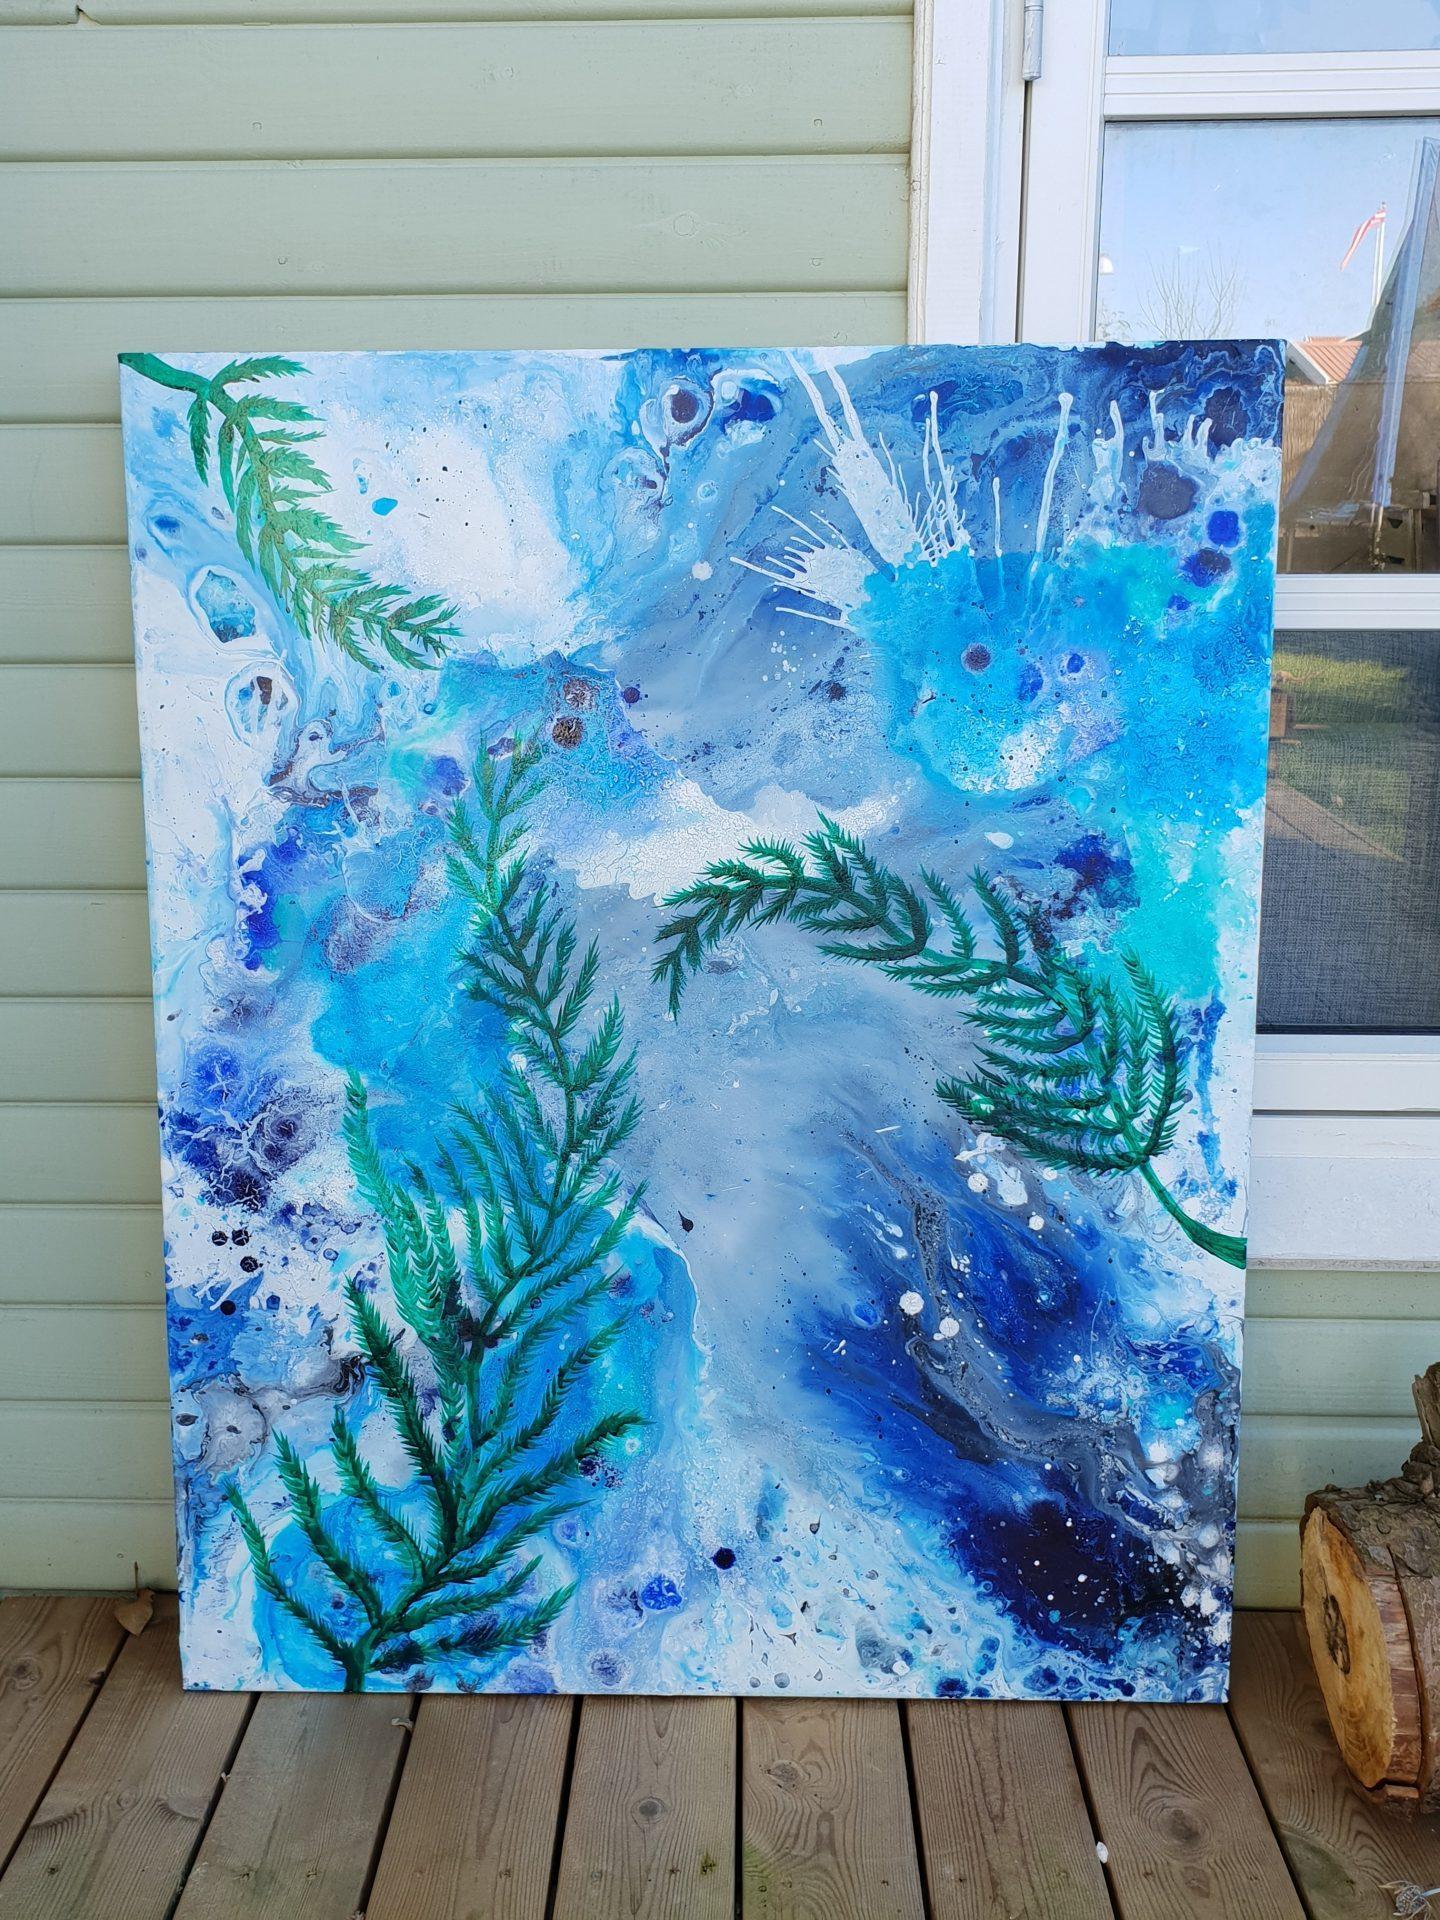 abstrakt med blade